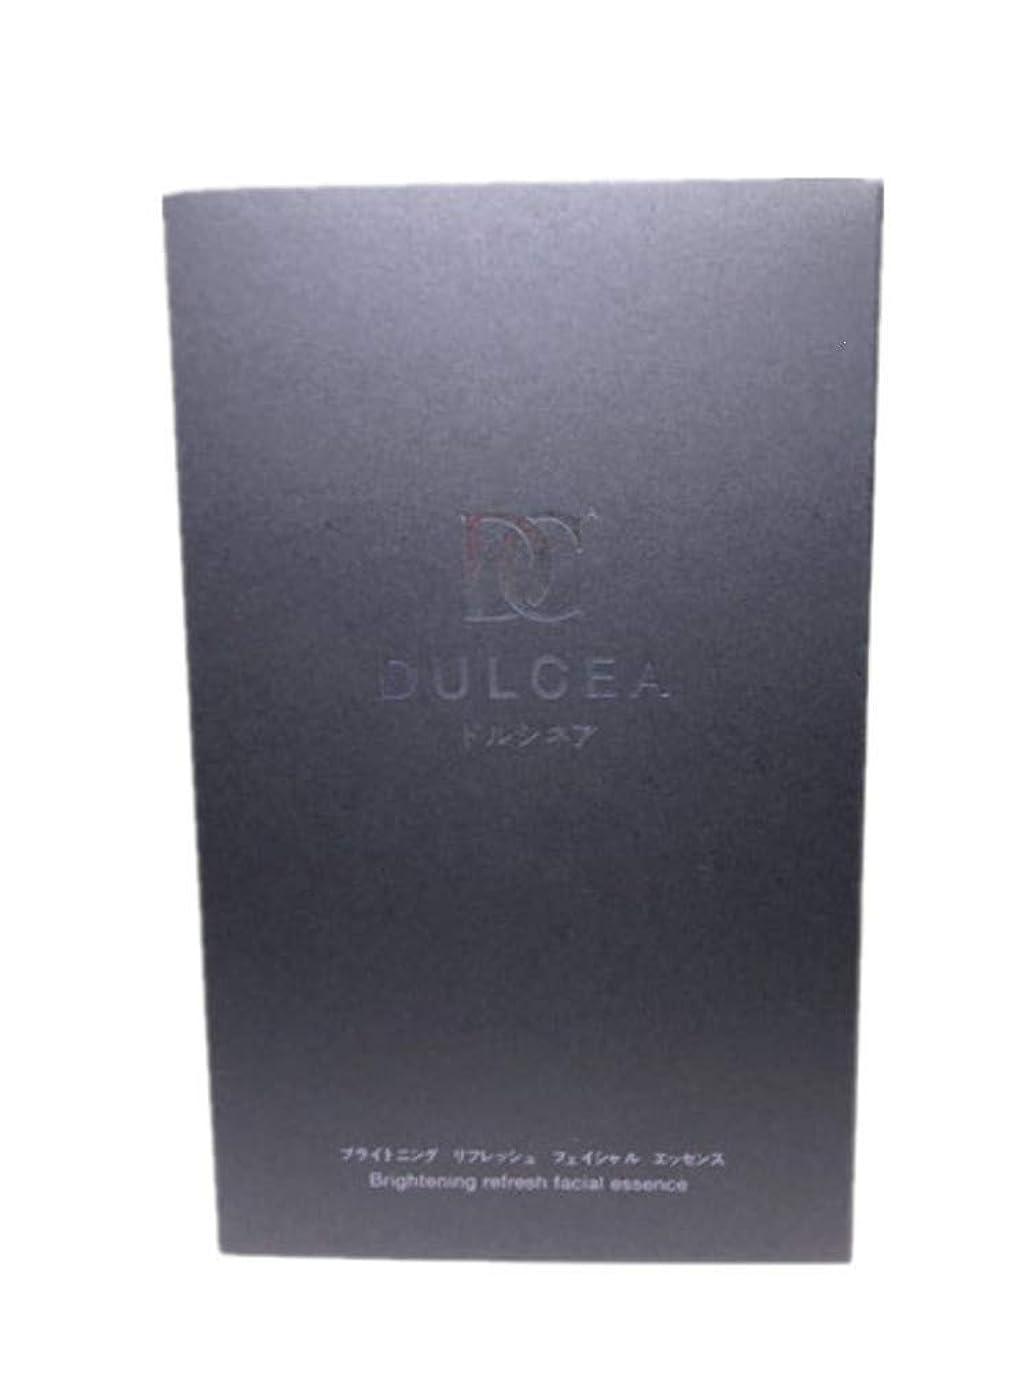 どのくらいの頻度で指令指紋DULCEA ブライトニング リフレッシュ フェイシャル エッセンス